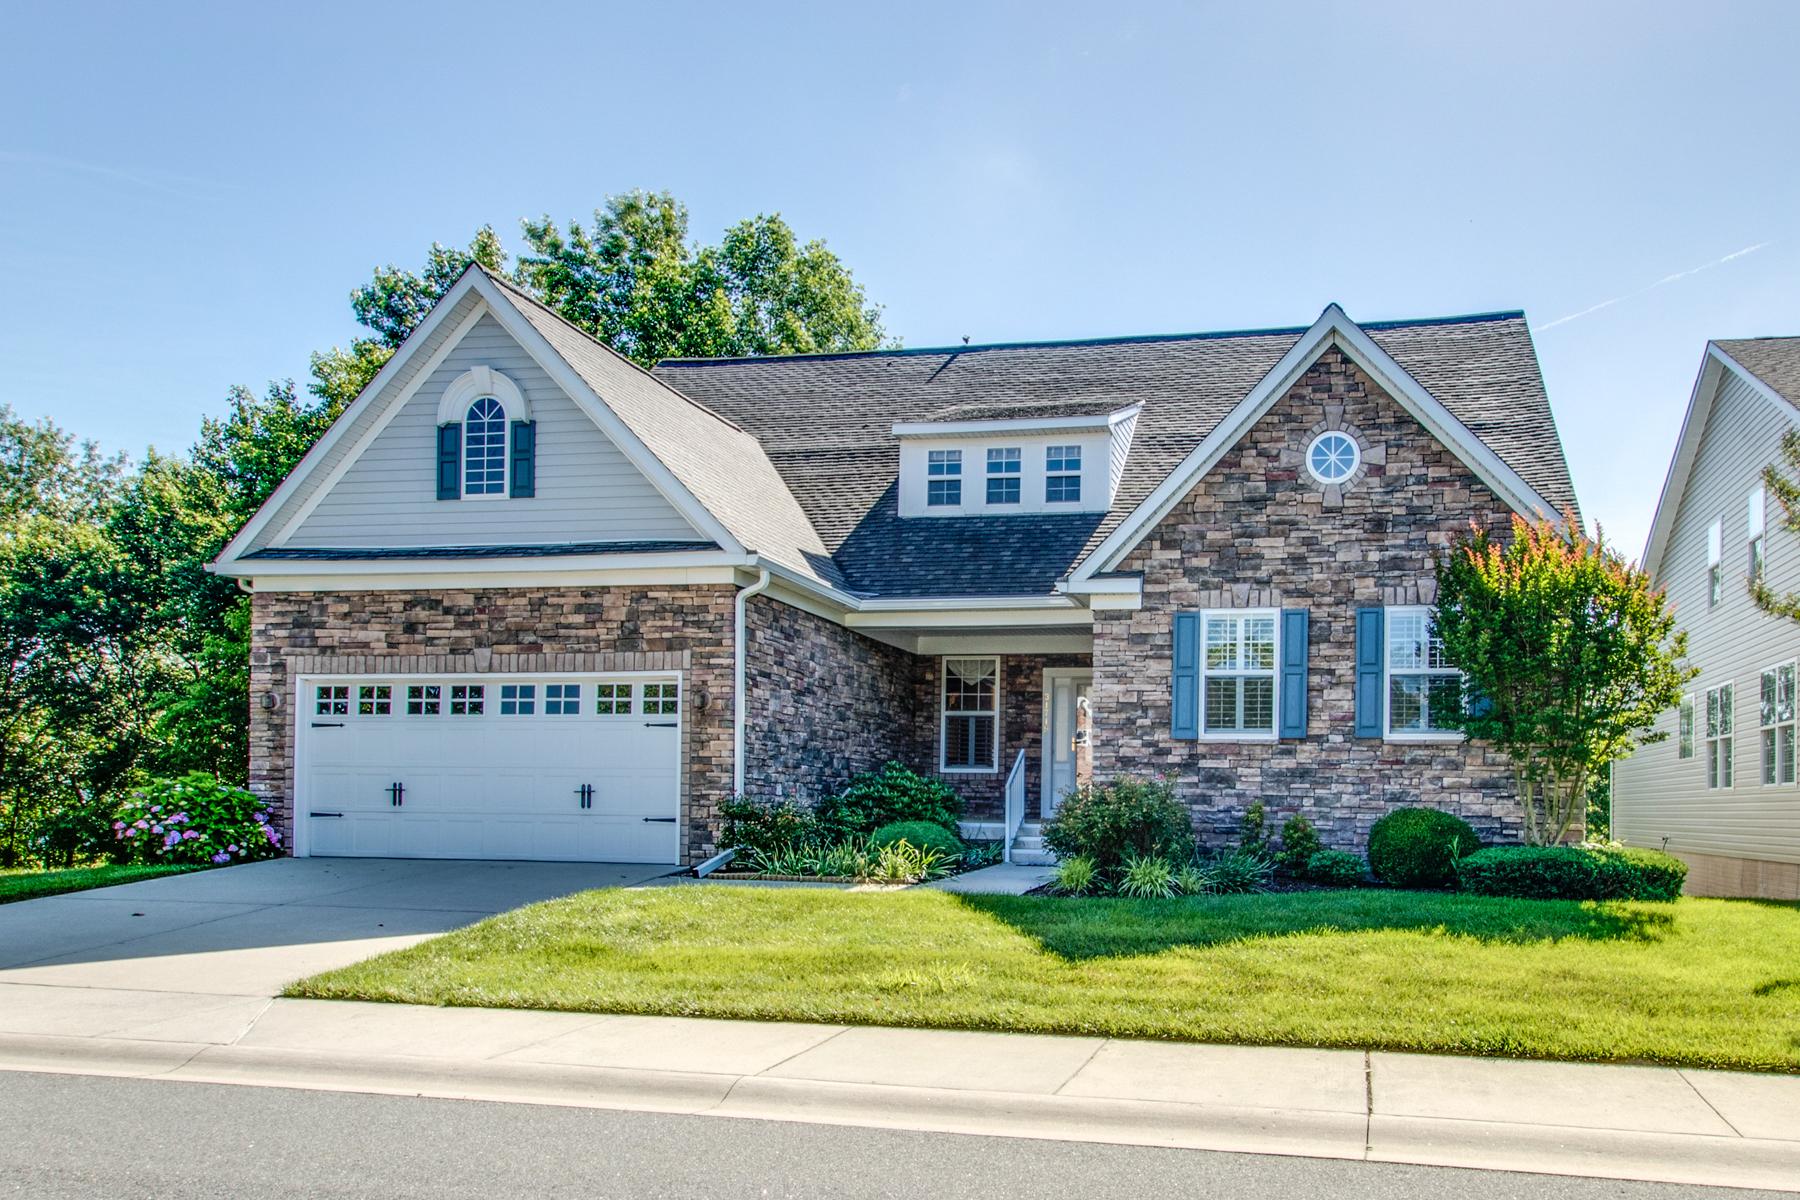 独户住宅 为 销售 在 31715 Alsace Ct , Lewes, DE 19958 31715 Alsace Ct 8, 刘易斯, 特拉华州 19958 美国